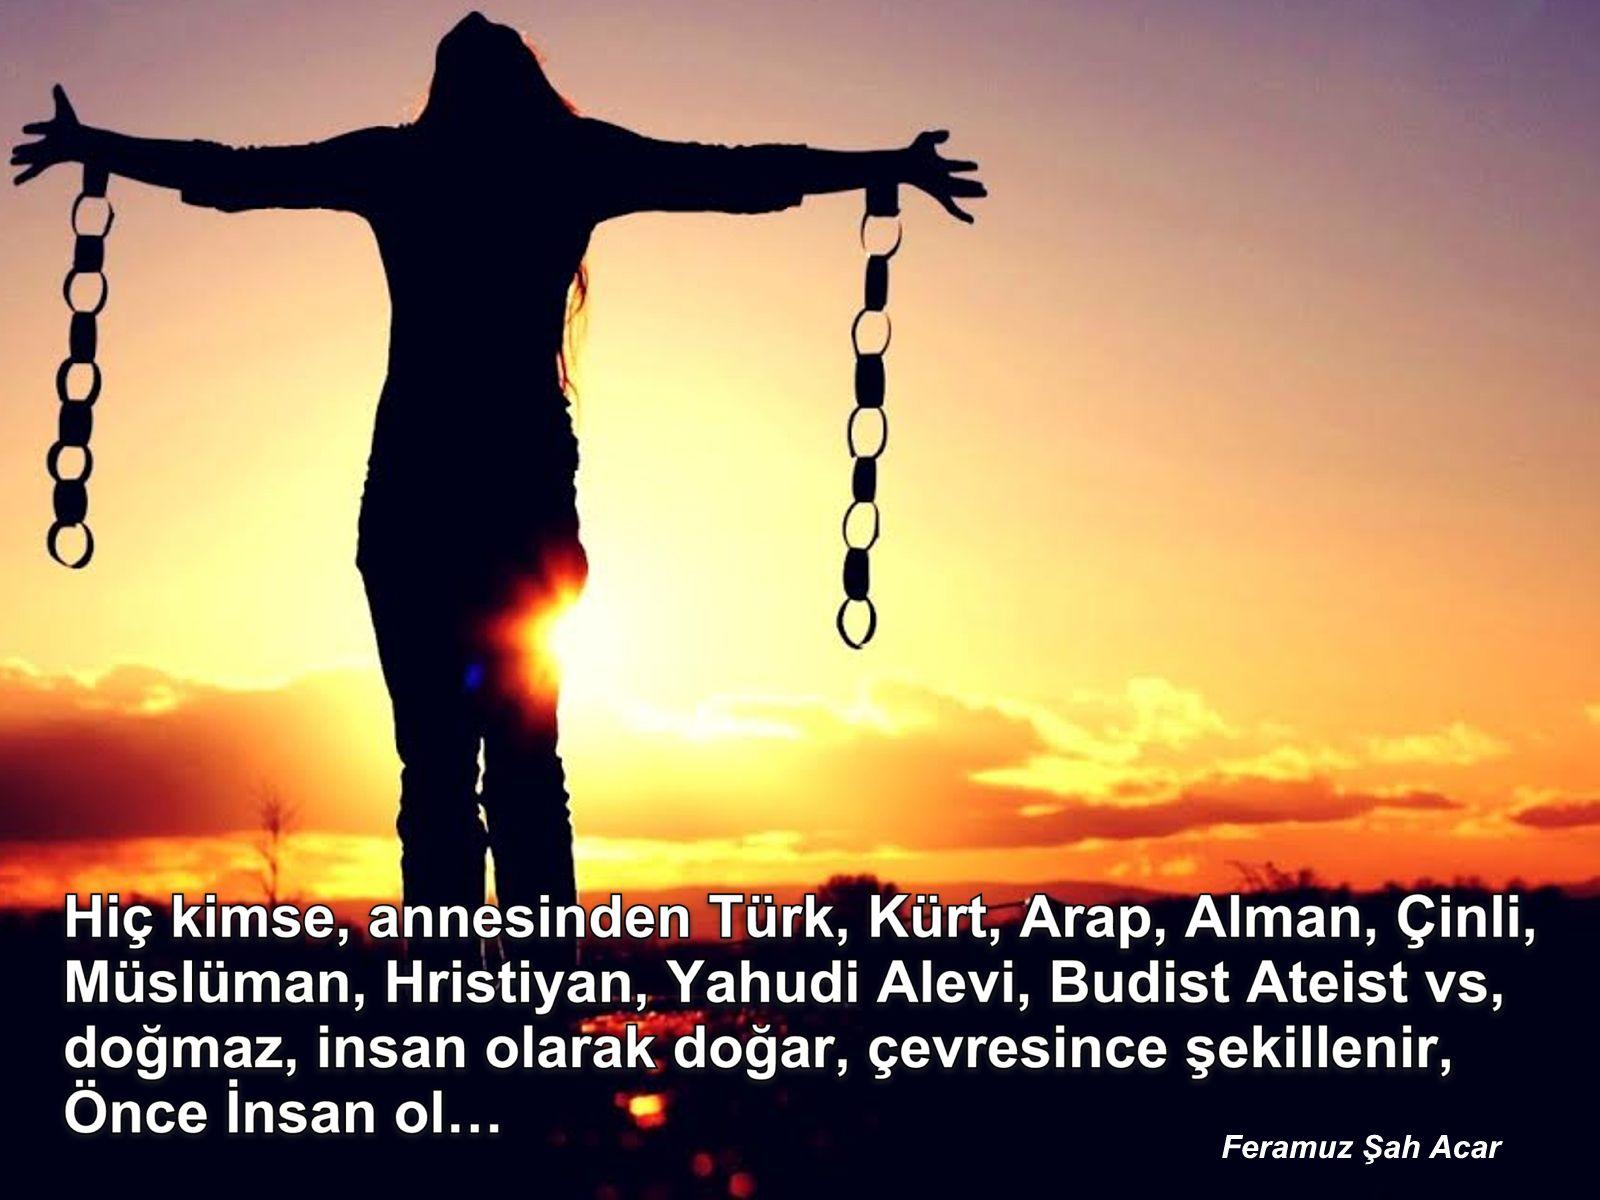 Devrimci Aleviler Birliği DAB Alevi Kızılbaş Bektaşi pir sultan cem hz Ali 12 imam semah Feramuz Şah Acar insanlikkkkkkkkkkkkkk